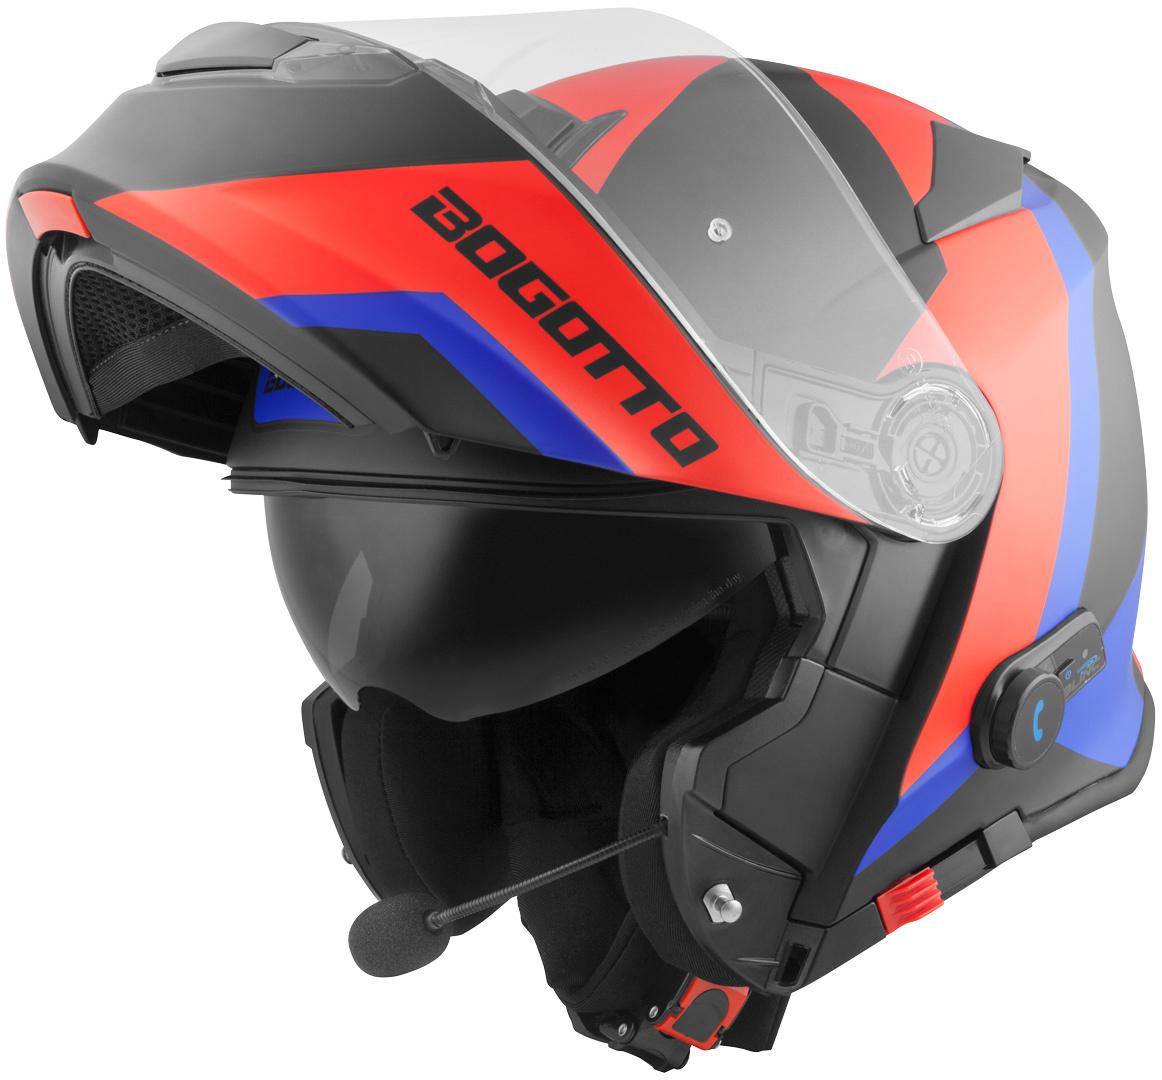 Bogotto V271 BT Zabu Bluetooth Klapphelm, schwarz-rot-blau, Größe 2XL, schwarz-rot-blau, Größe 2XL